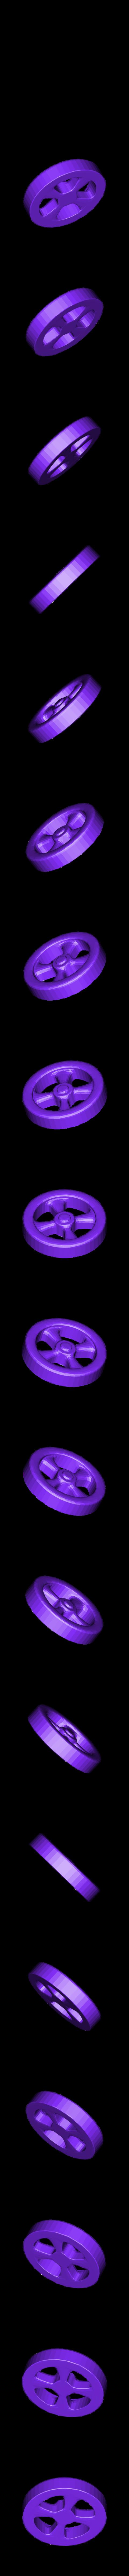 SteeringWheels.stl Download STL file Rocket Car • 3D printer design, svandalk